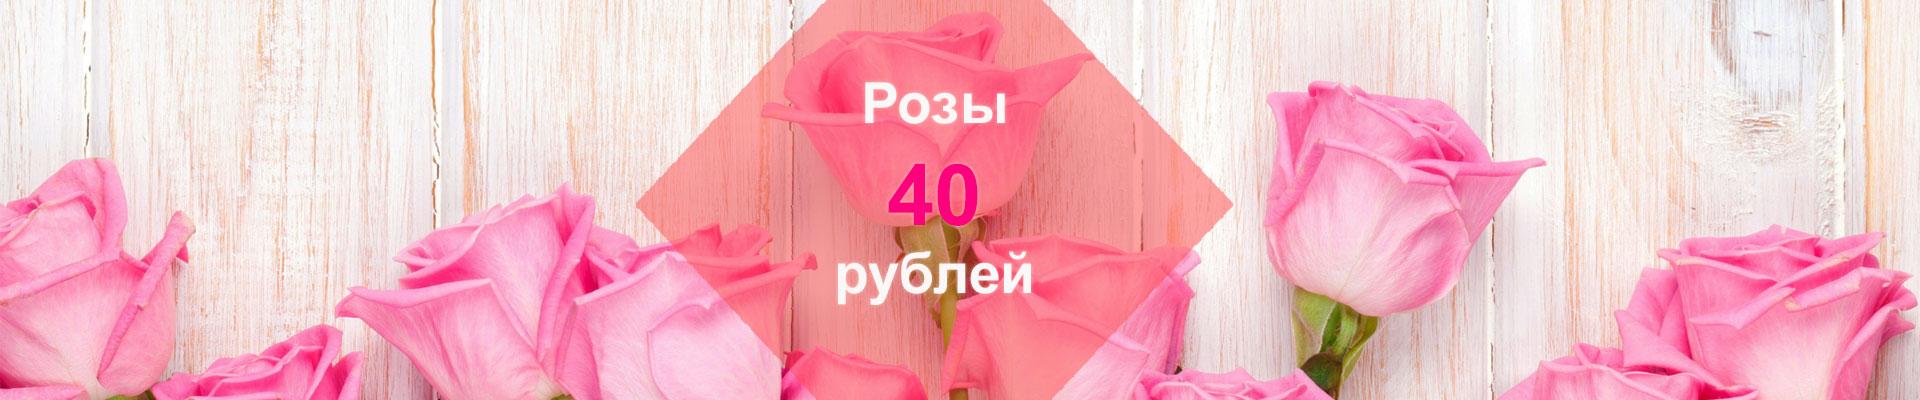 Розы 40